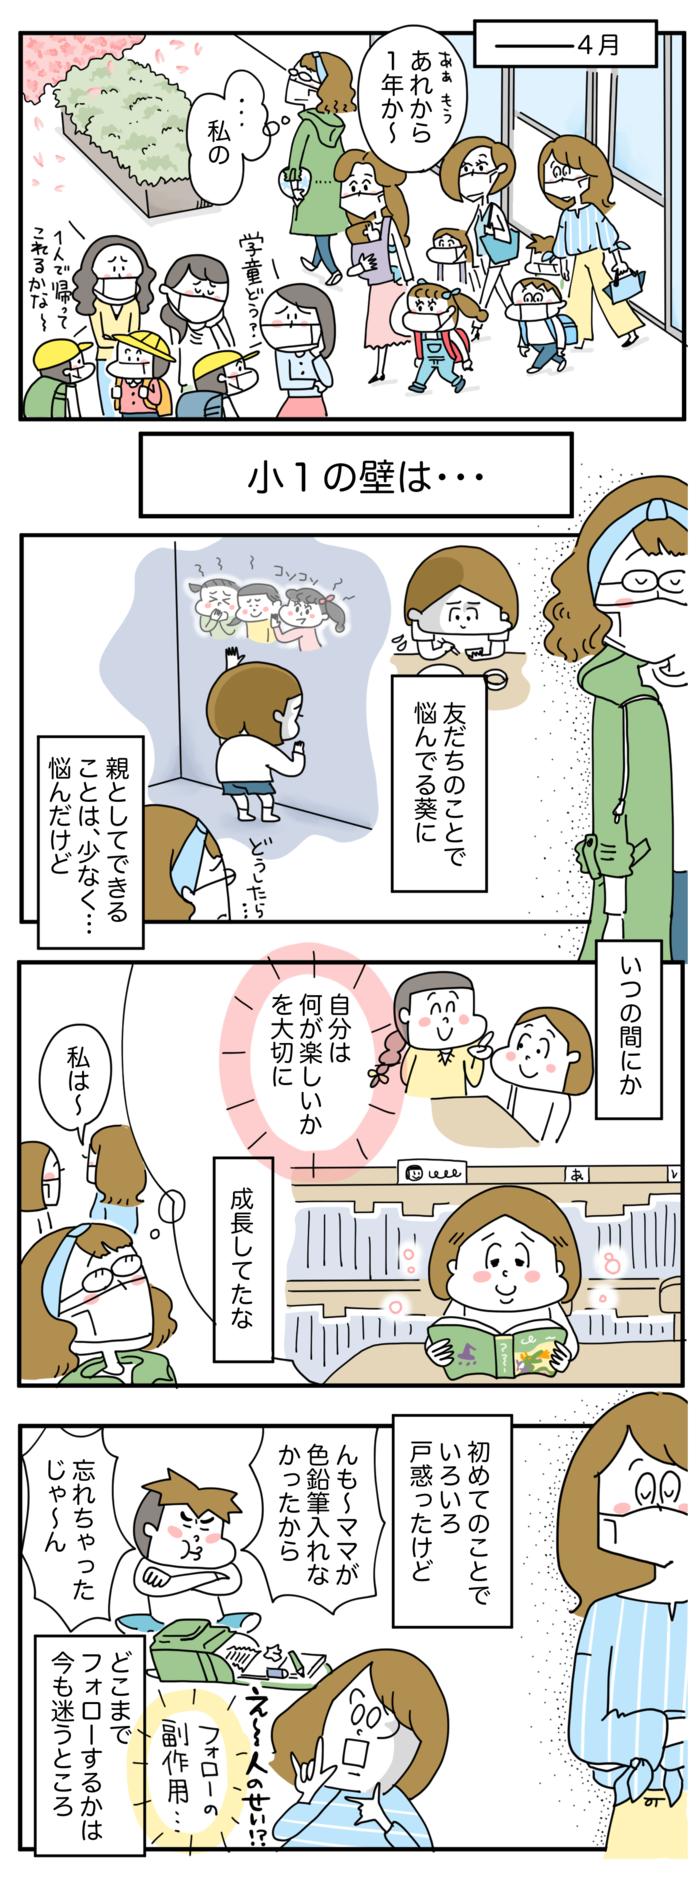 「ママ友」という関係の正体は…!?1年間の小学校生活でやっと分かったことの画像2